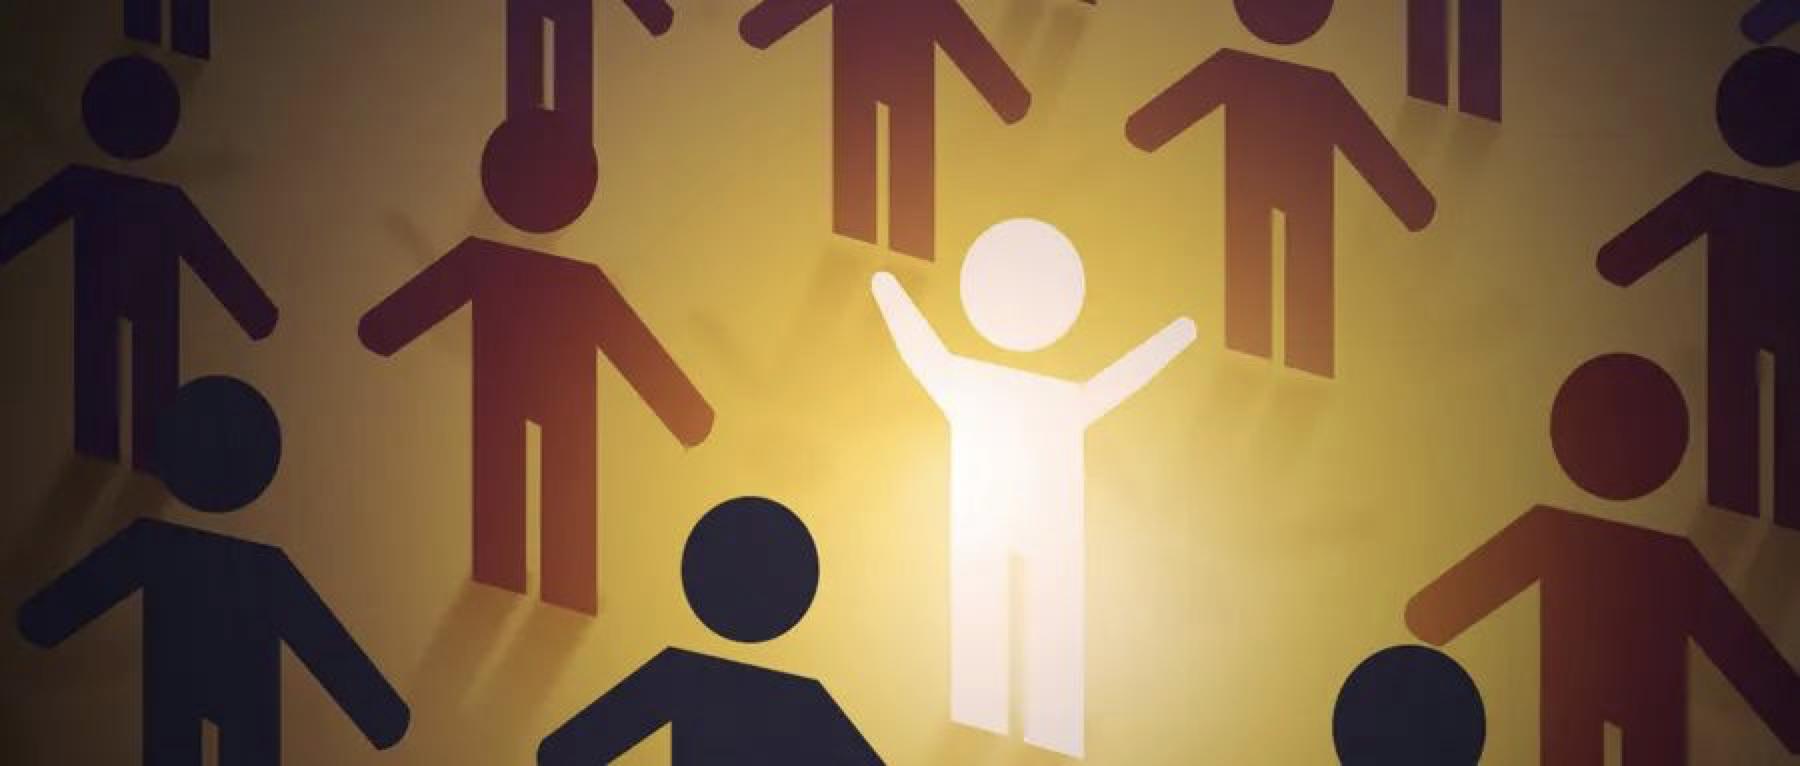 薪人薪事,招聘管理软件,人力资源管理系统